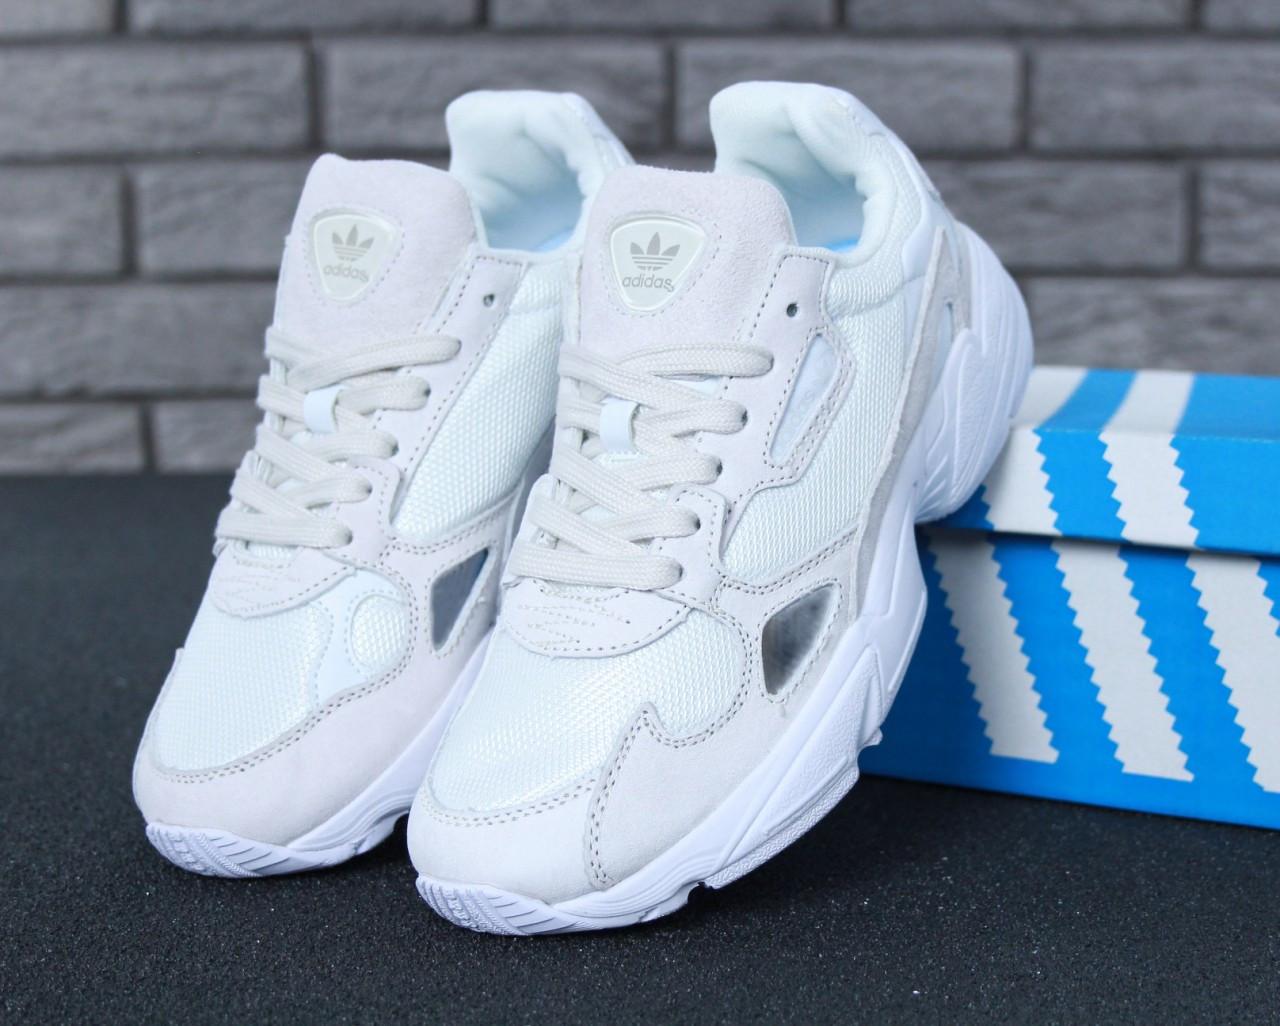 Женские кроссовки в стиле Adidas Falcon White (36, 37, 38, 39, 40 размеры)